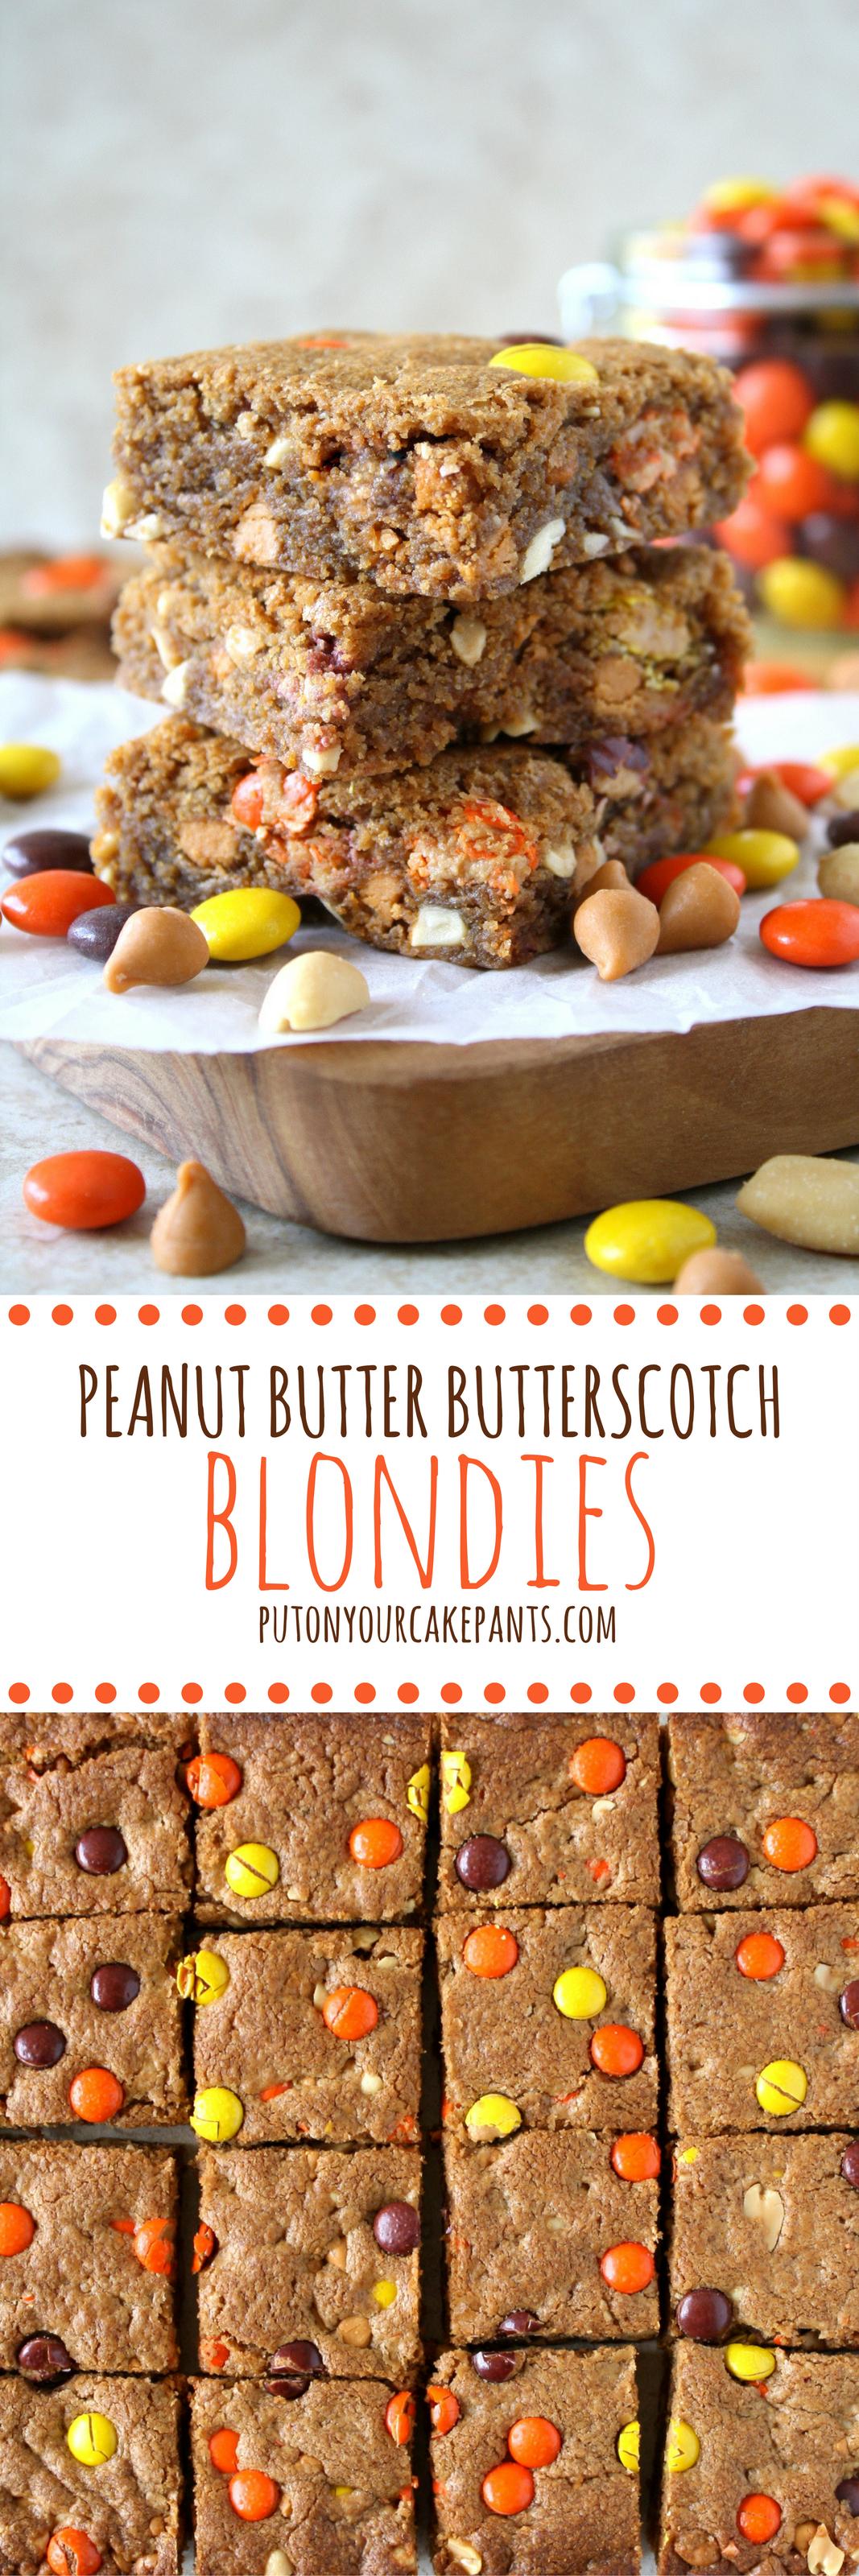 peanut butter butterscotch blondies